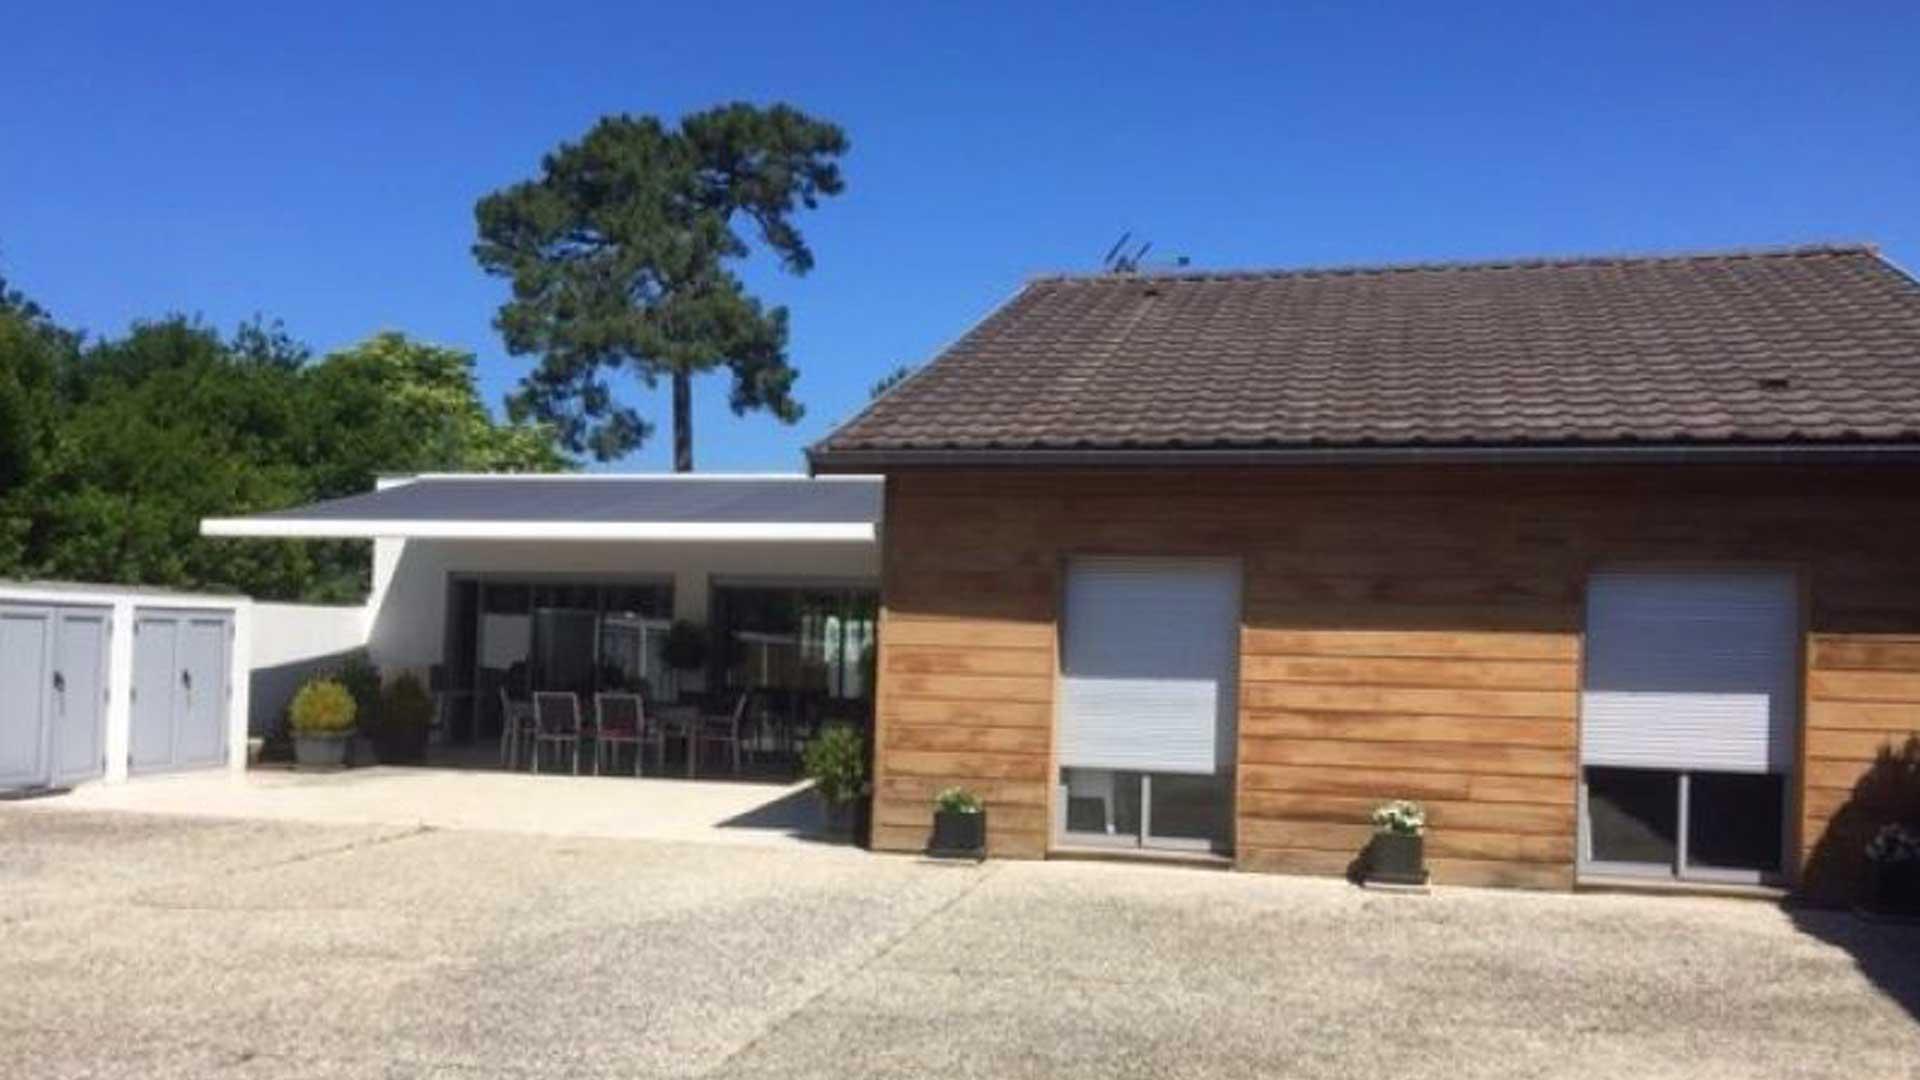 location villa petit piquey bassin arcachon capimmo